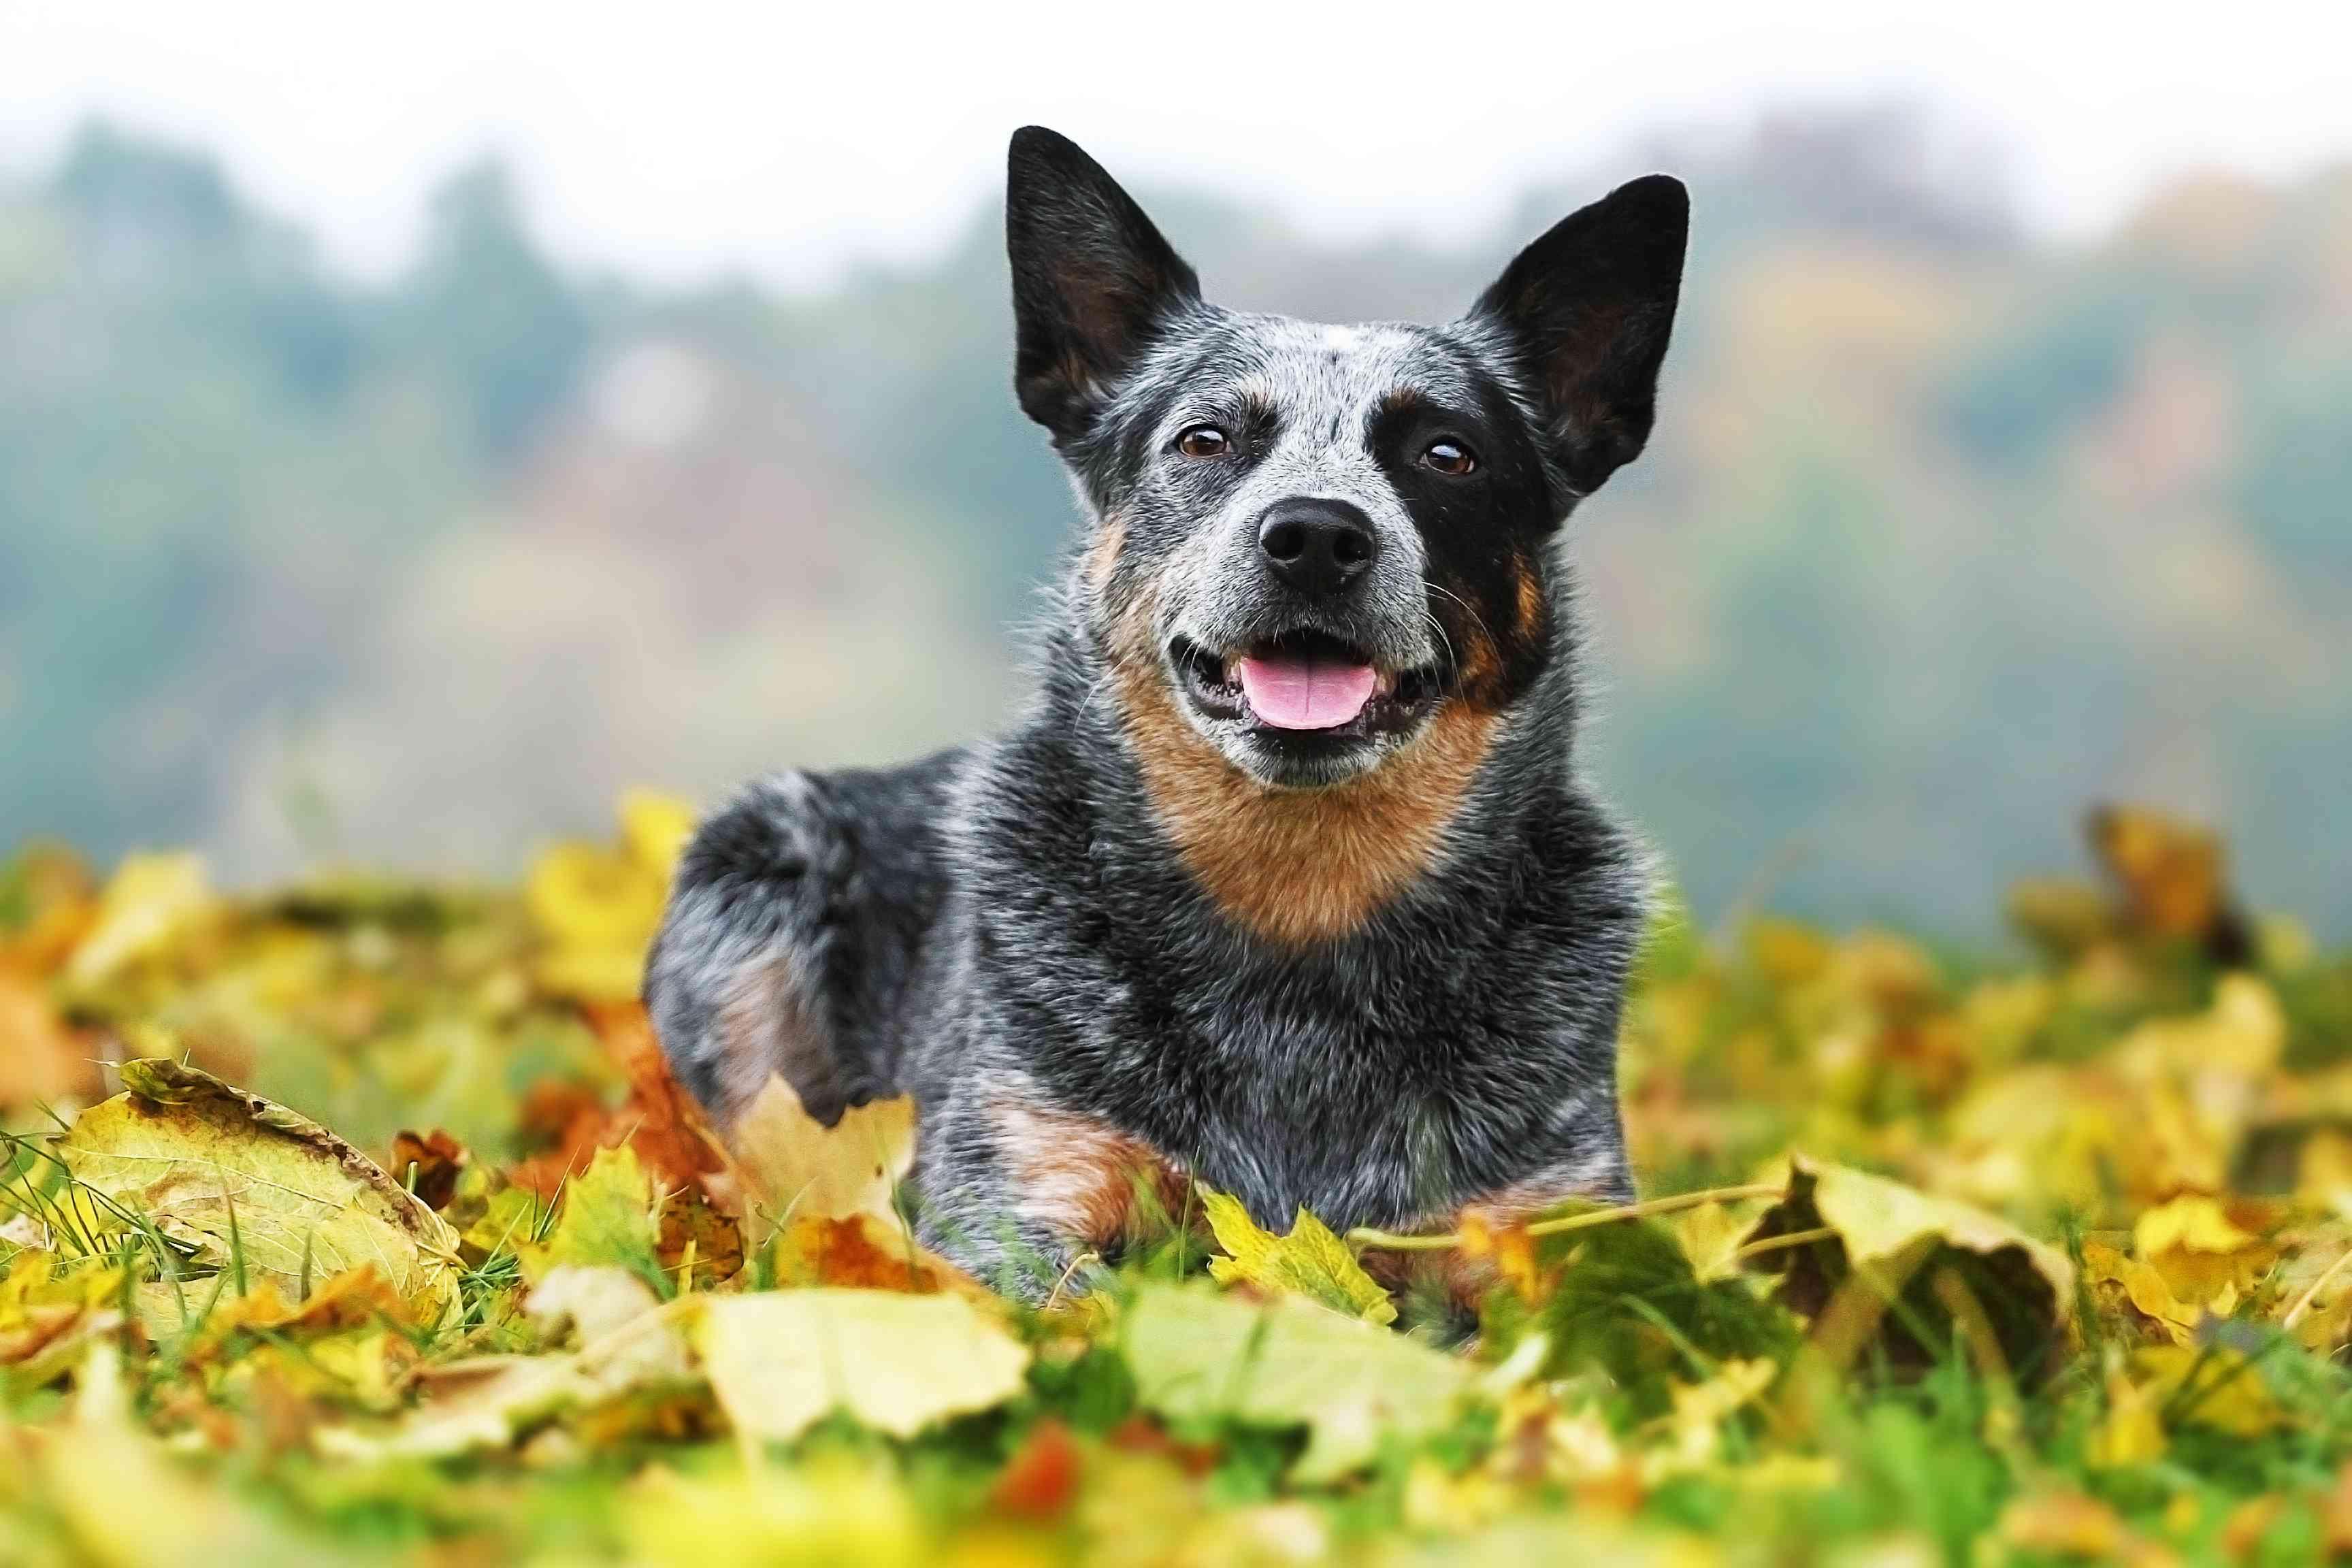 Australian Cattle Dog lying in autumn leaves